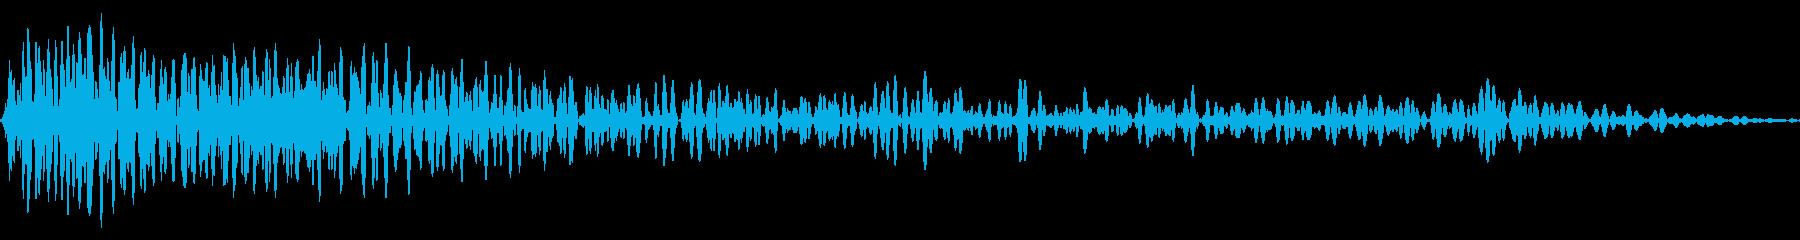 ドゥーン 下降 ウッドベースの再生済みの波形